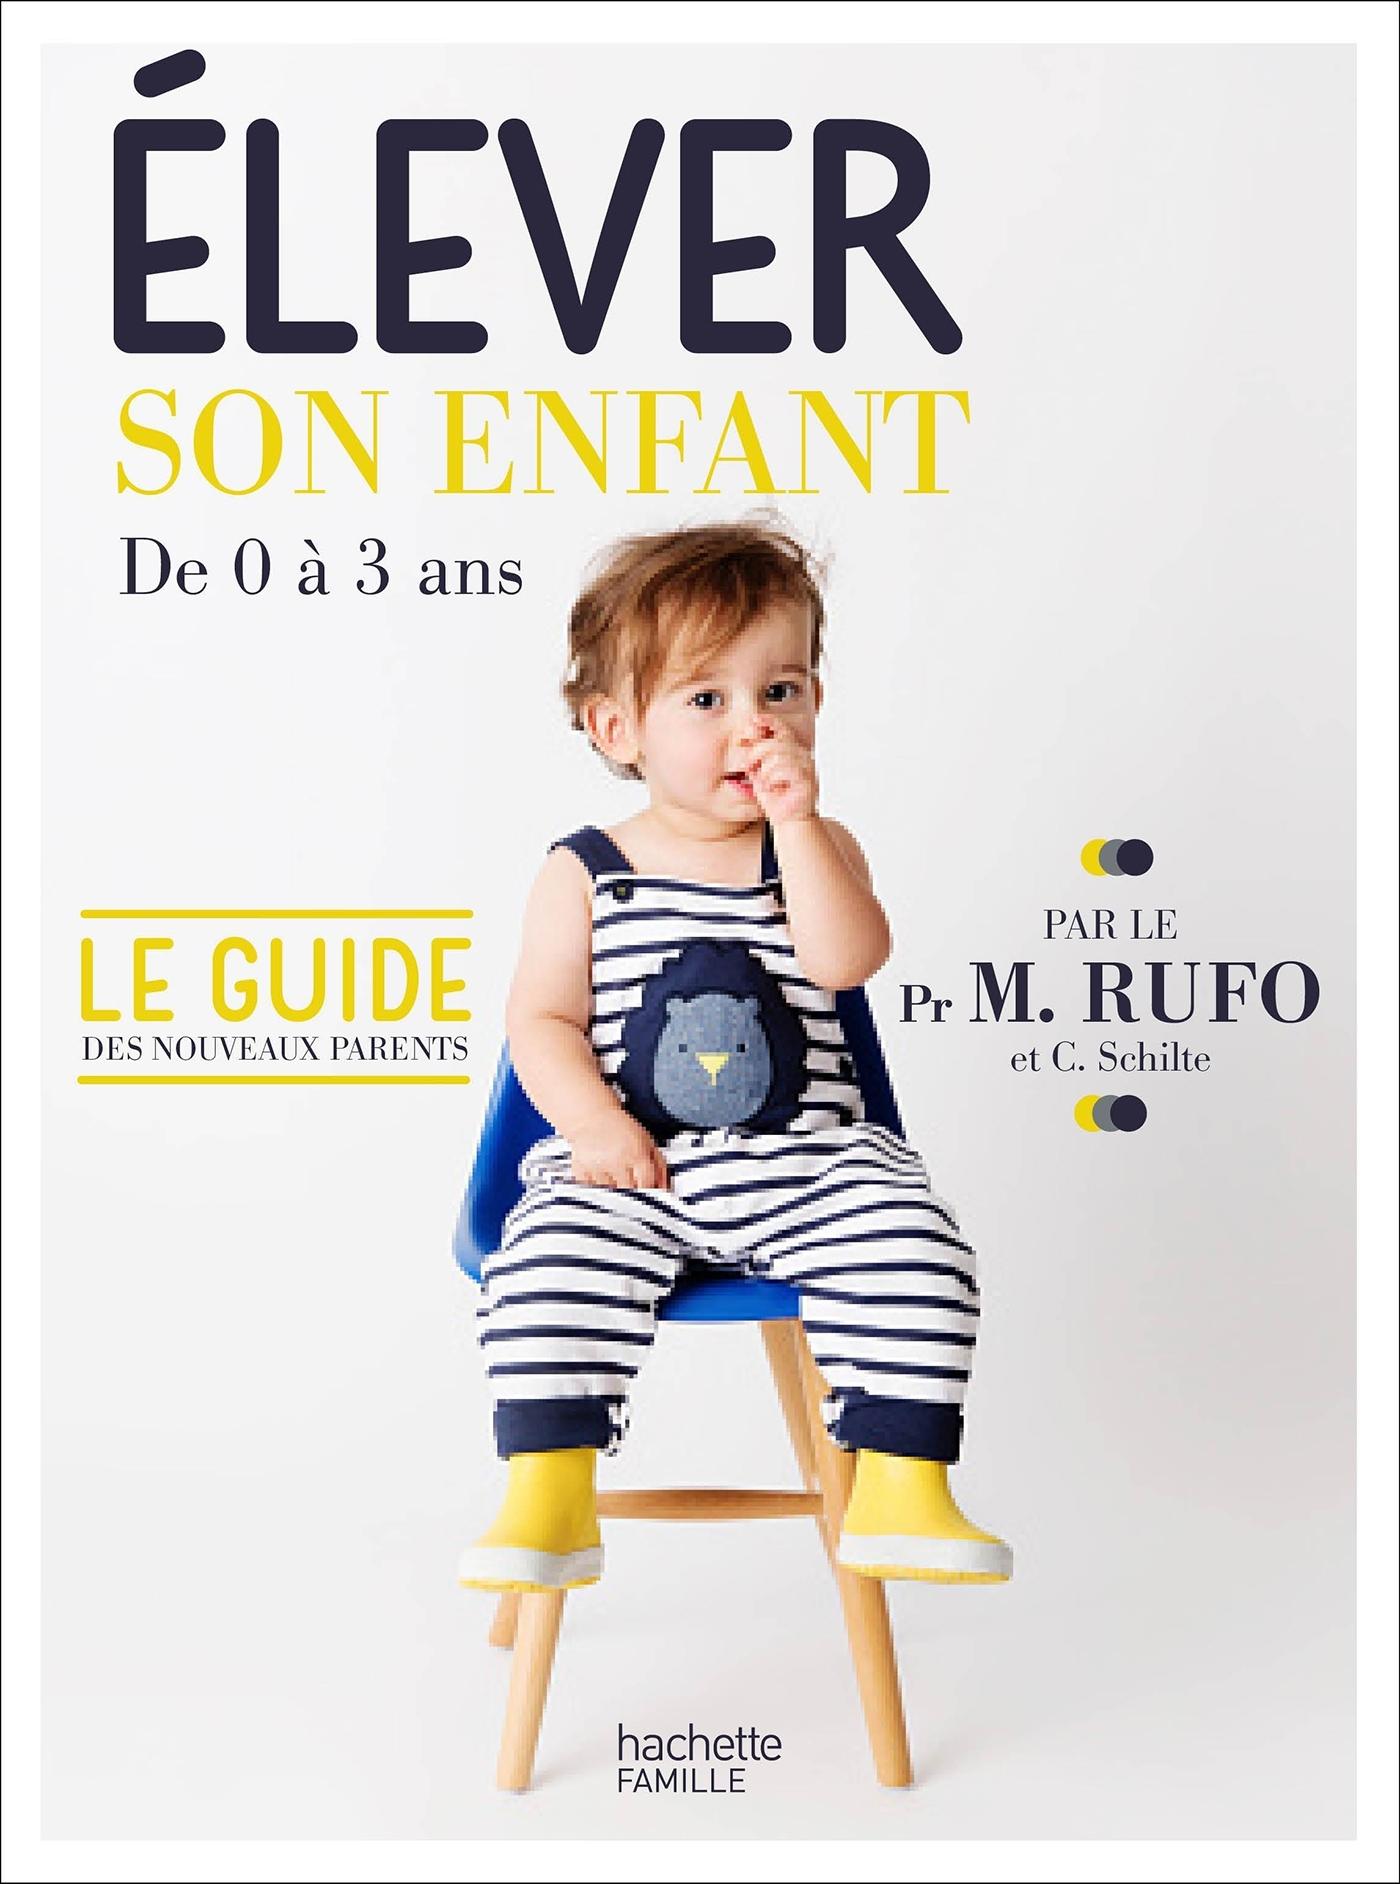 ELEVER SON ENFANT - DE 0 A 3 ANS